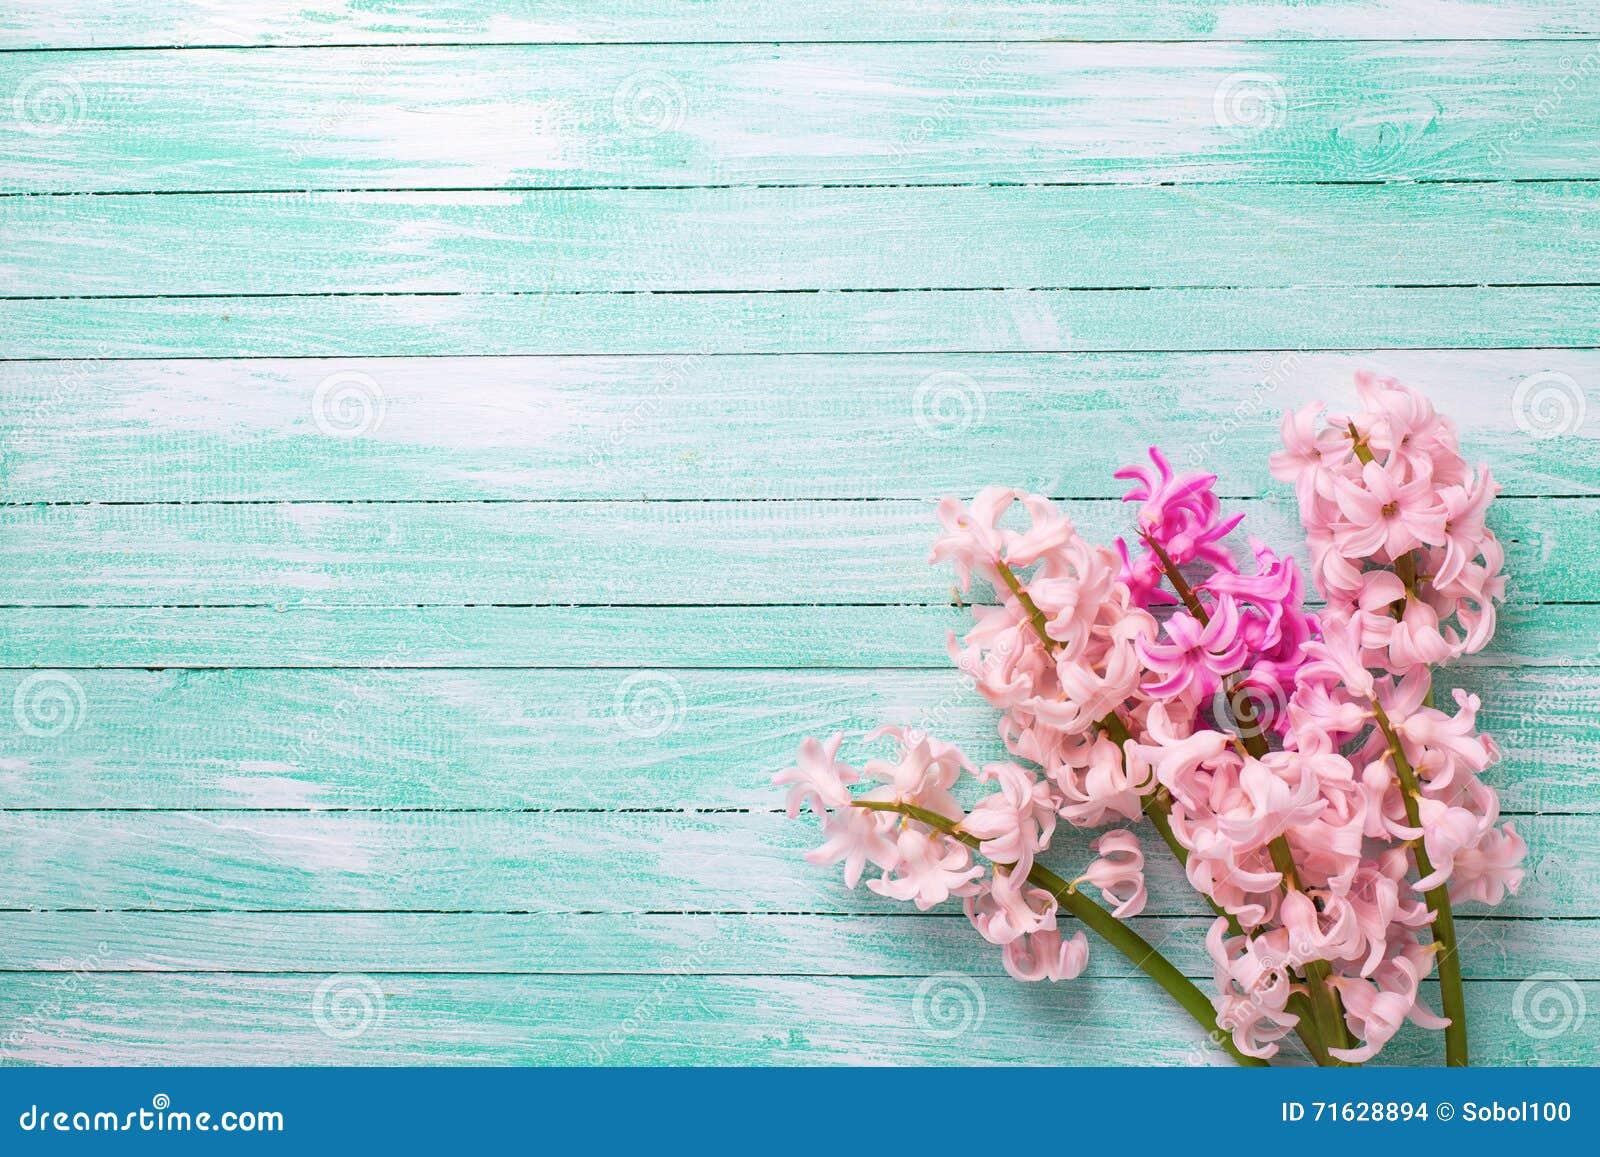 Hintergrund mit frischen rosa Blumenhyazinthen auf Türkisfarbe